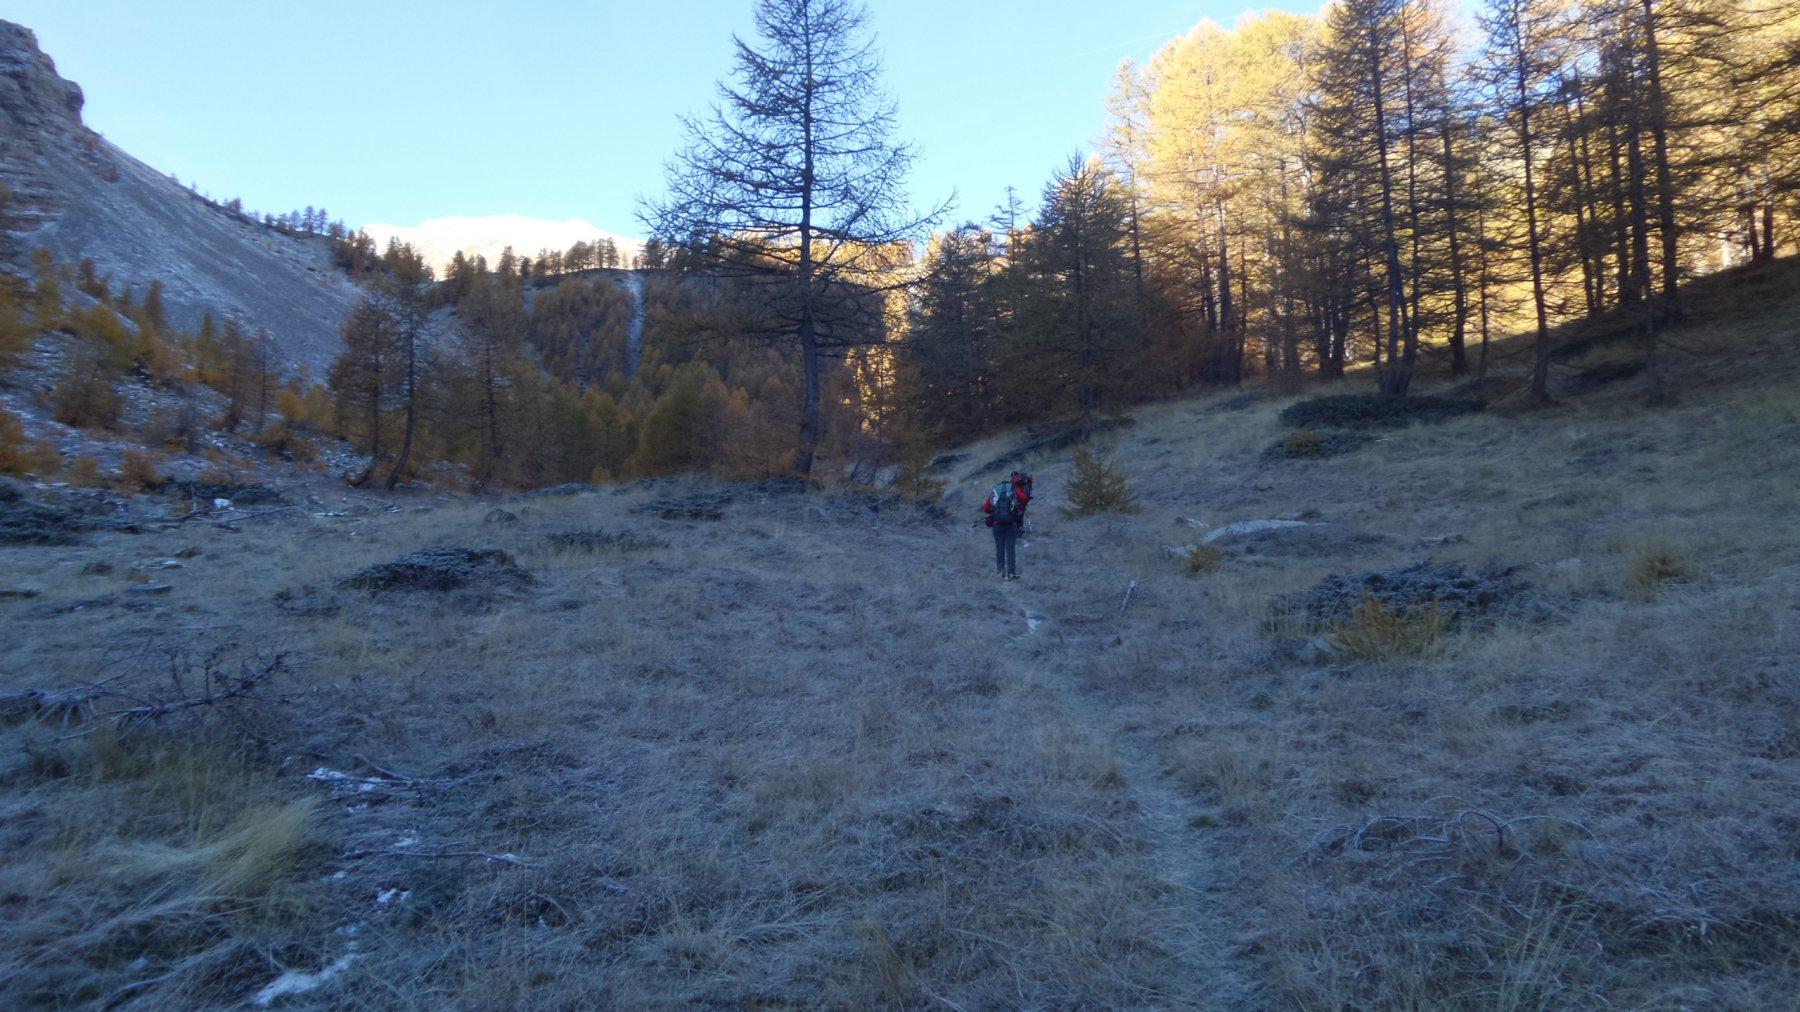 terminato il bosco si entra nel Vallon des Vaches (17-10-2015)